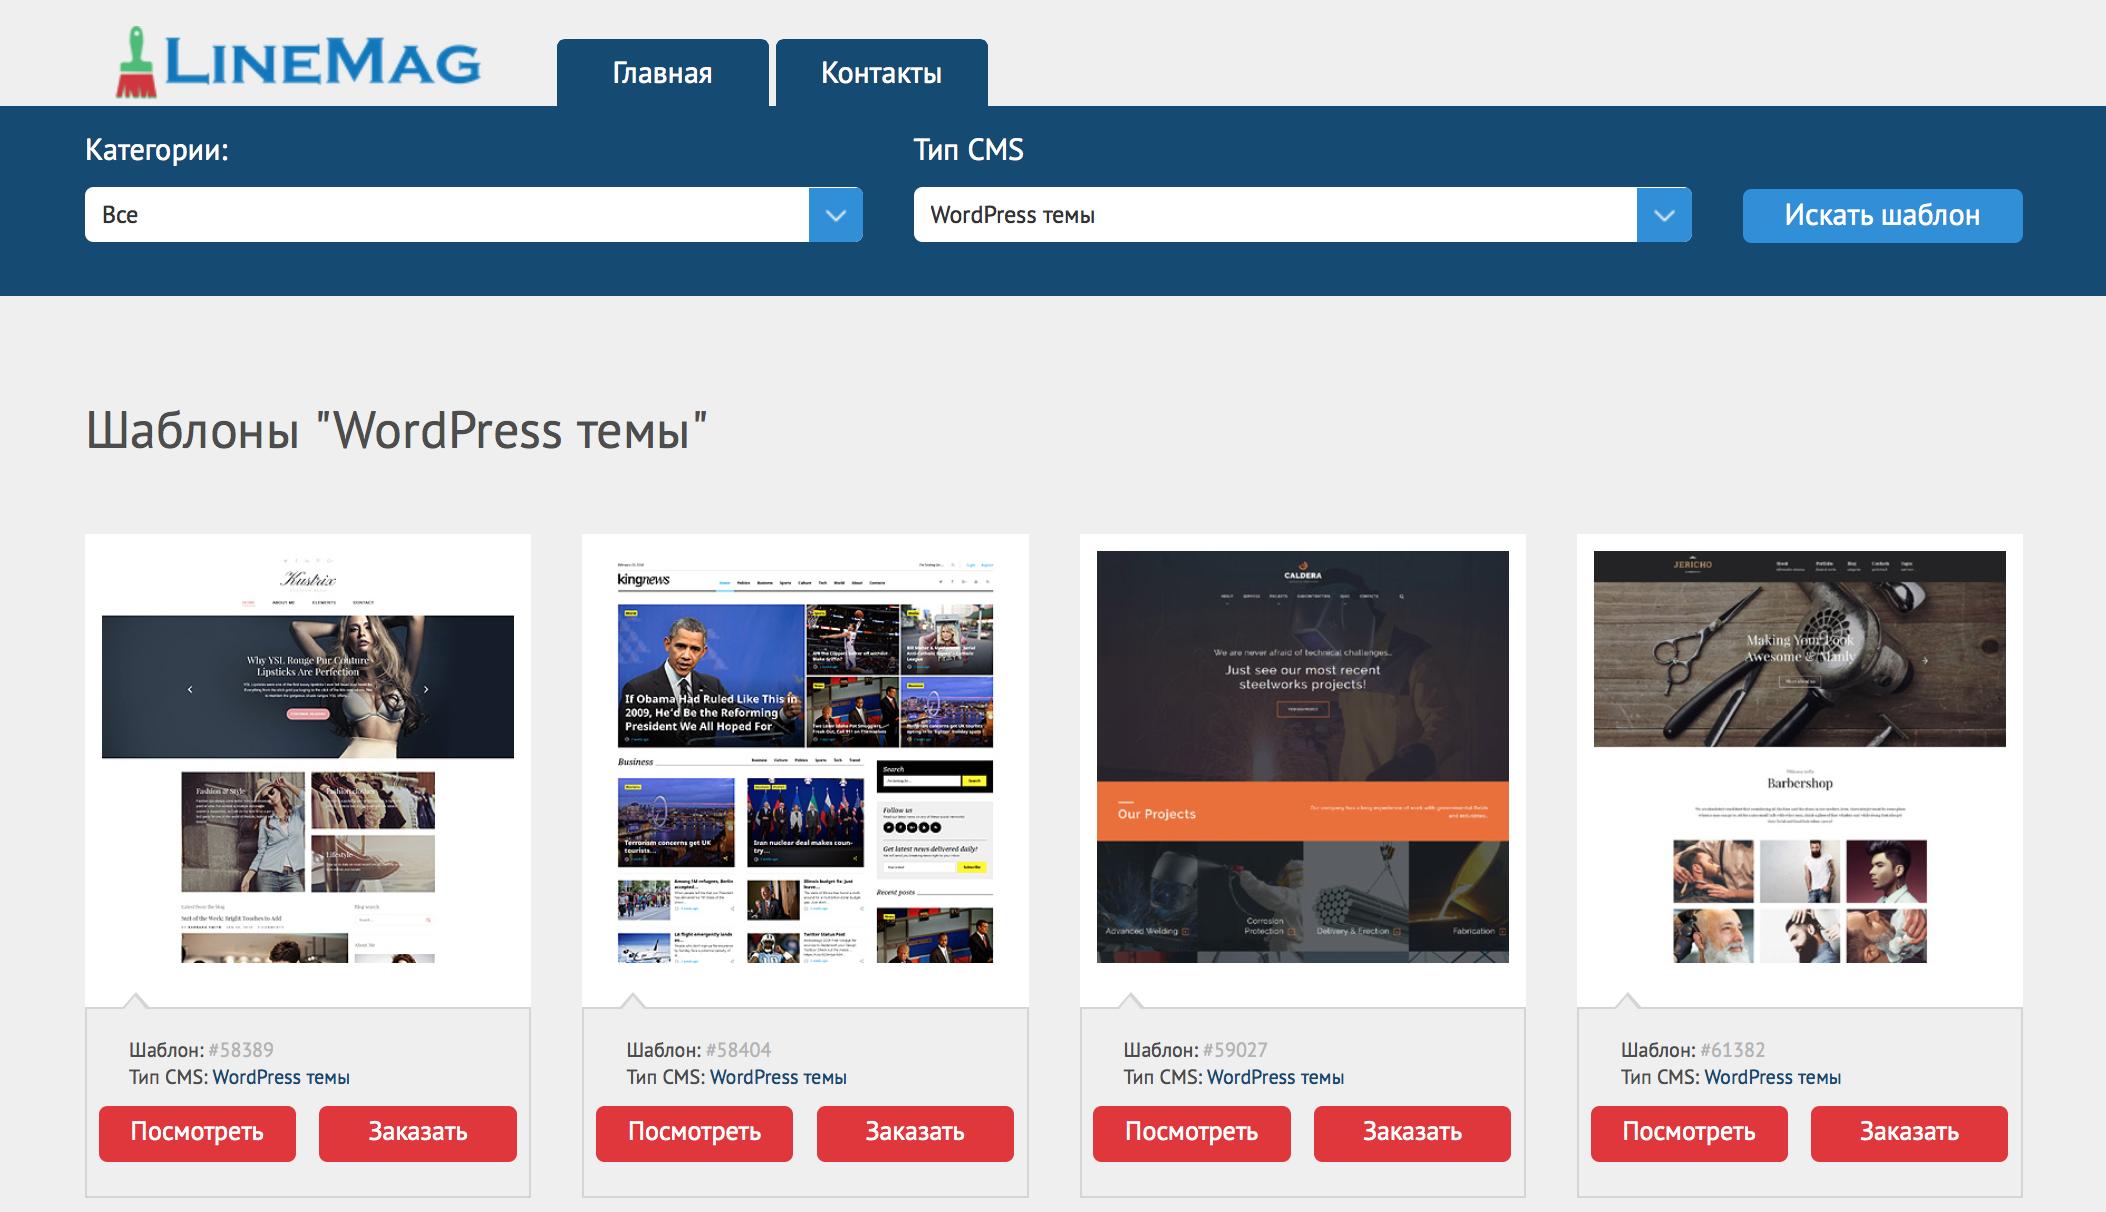 Создание сайтов wordpress создание сайтов реклама, php создание сайта vent1813